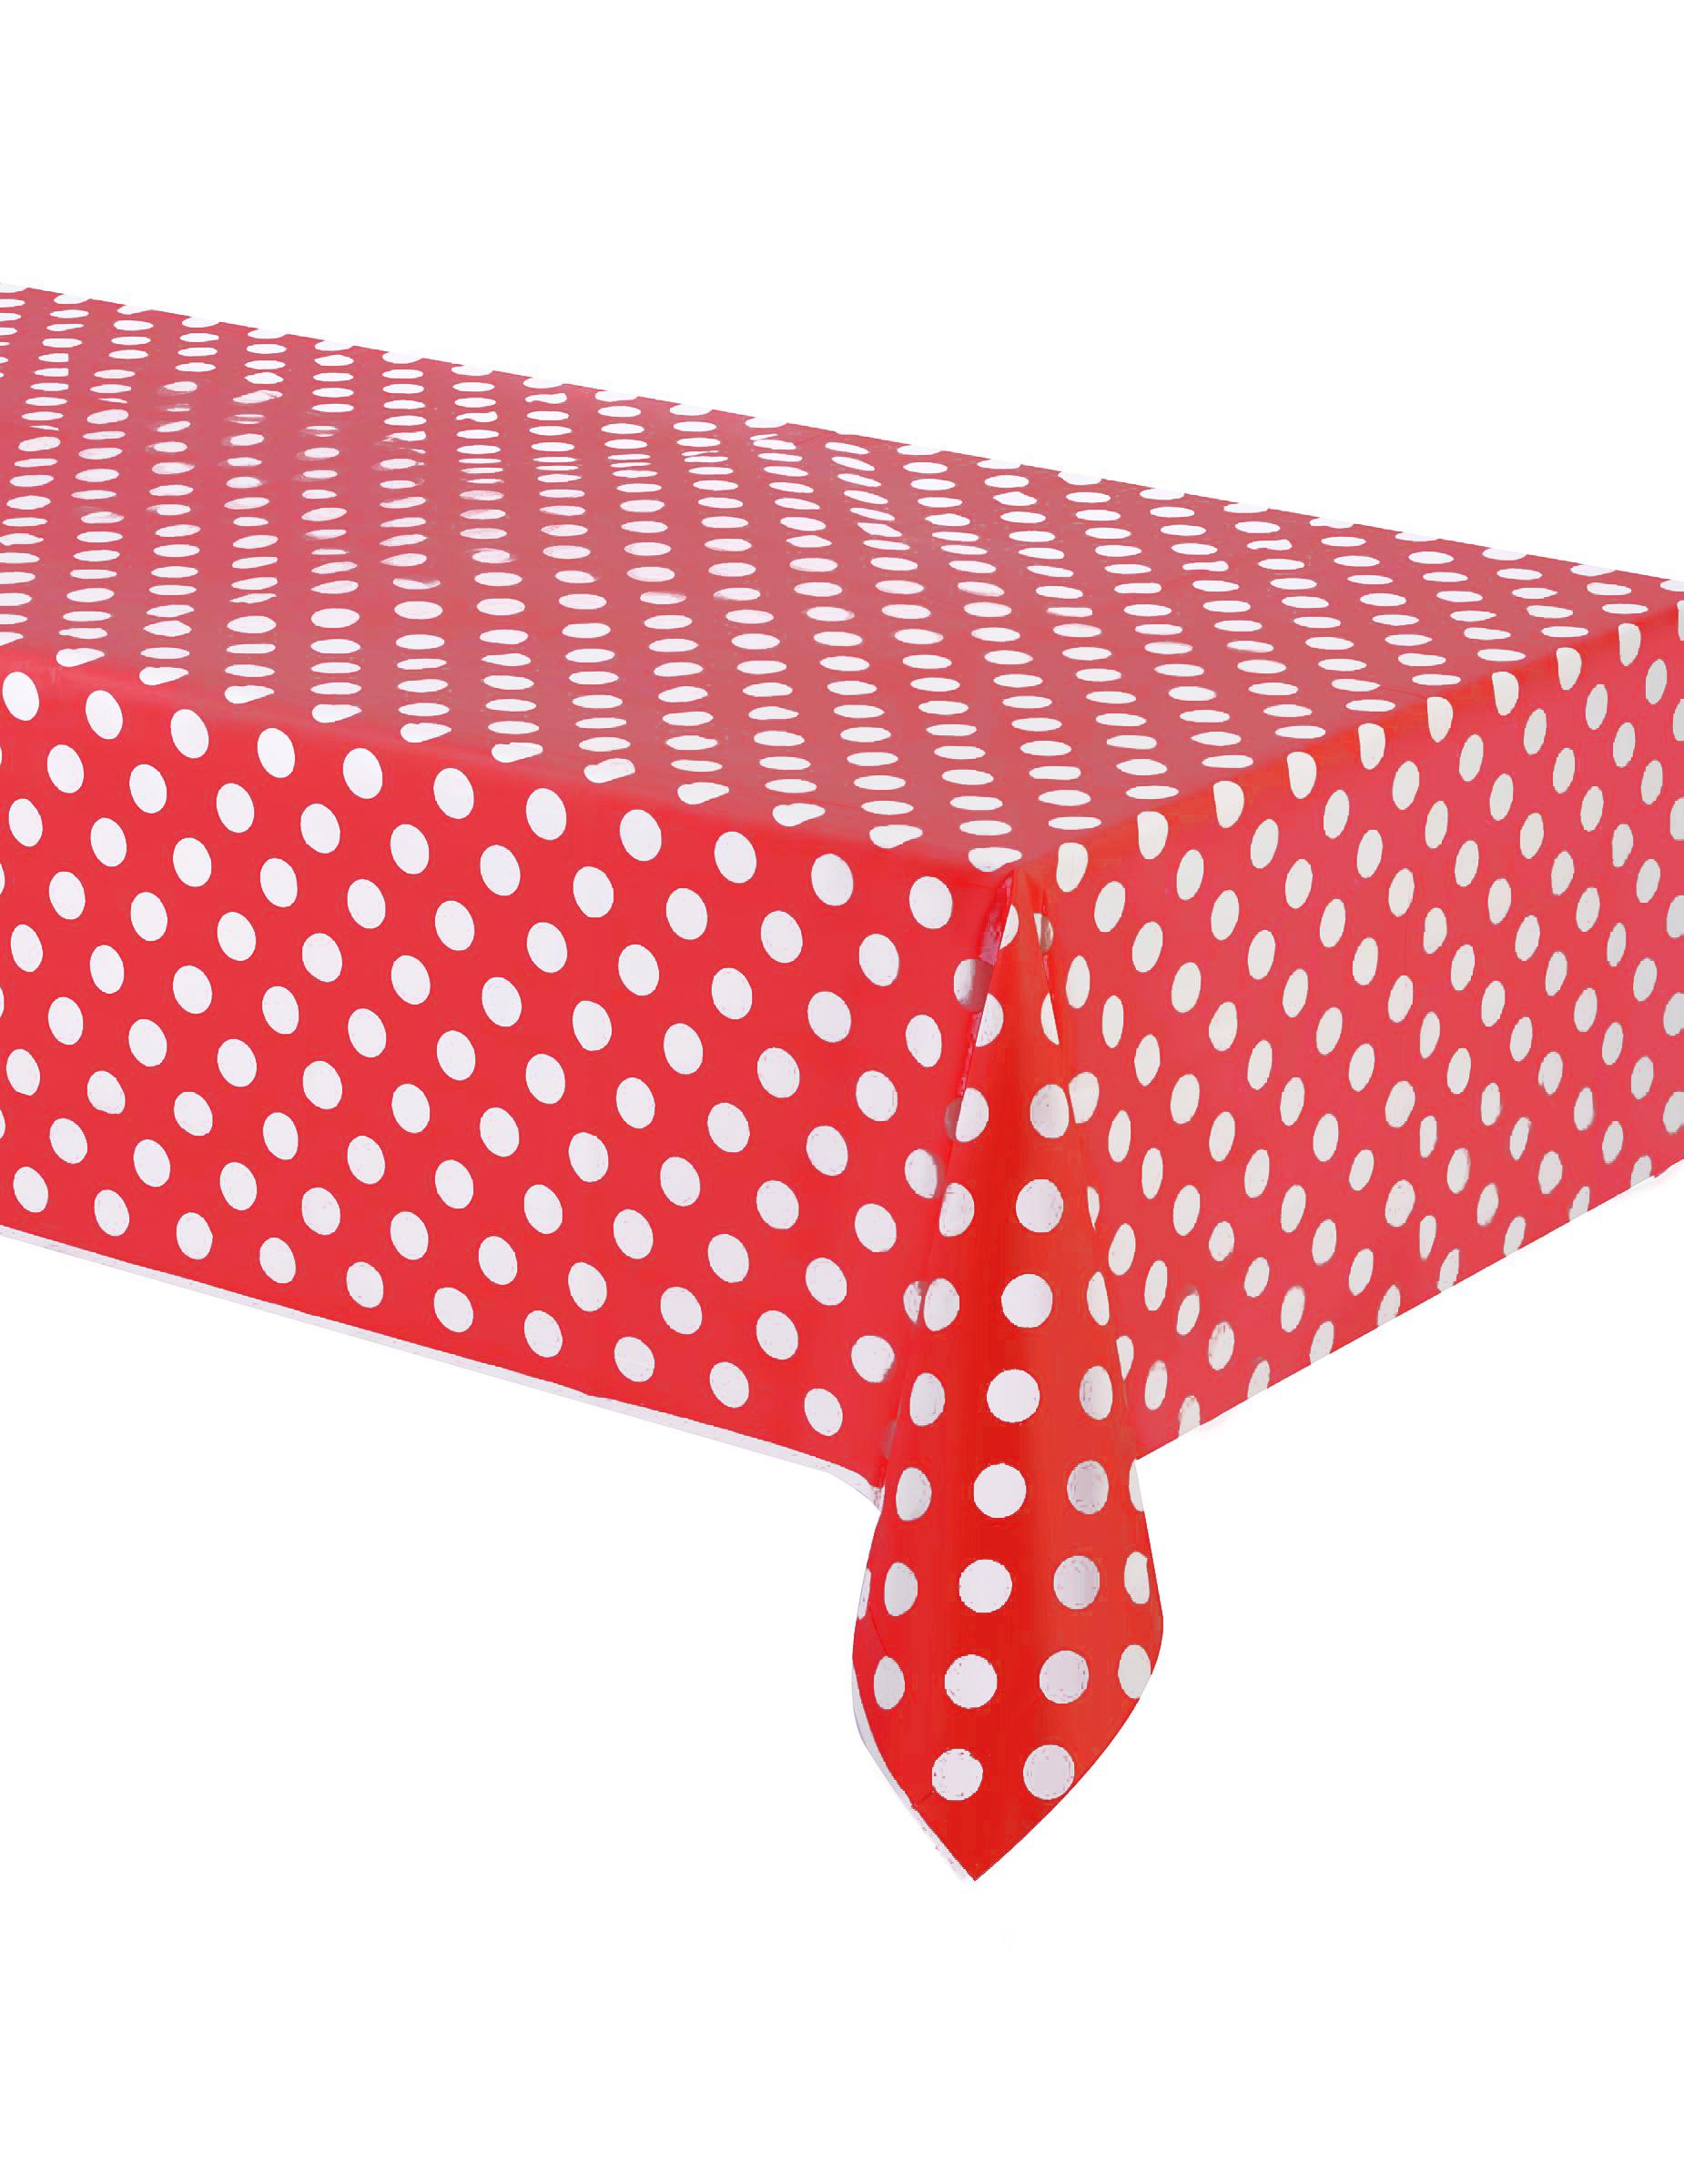 nappe rouge pois blanc plastique 137 x 274 cm d coration anniversaire et f tes th me sur. Black Bedroom Furniture Sets. Home Design Ideas